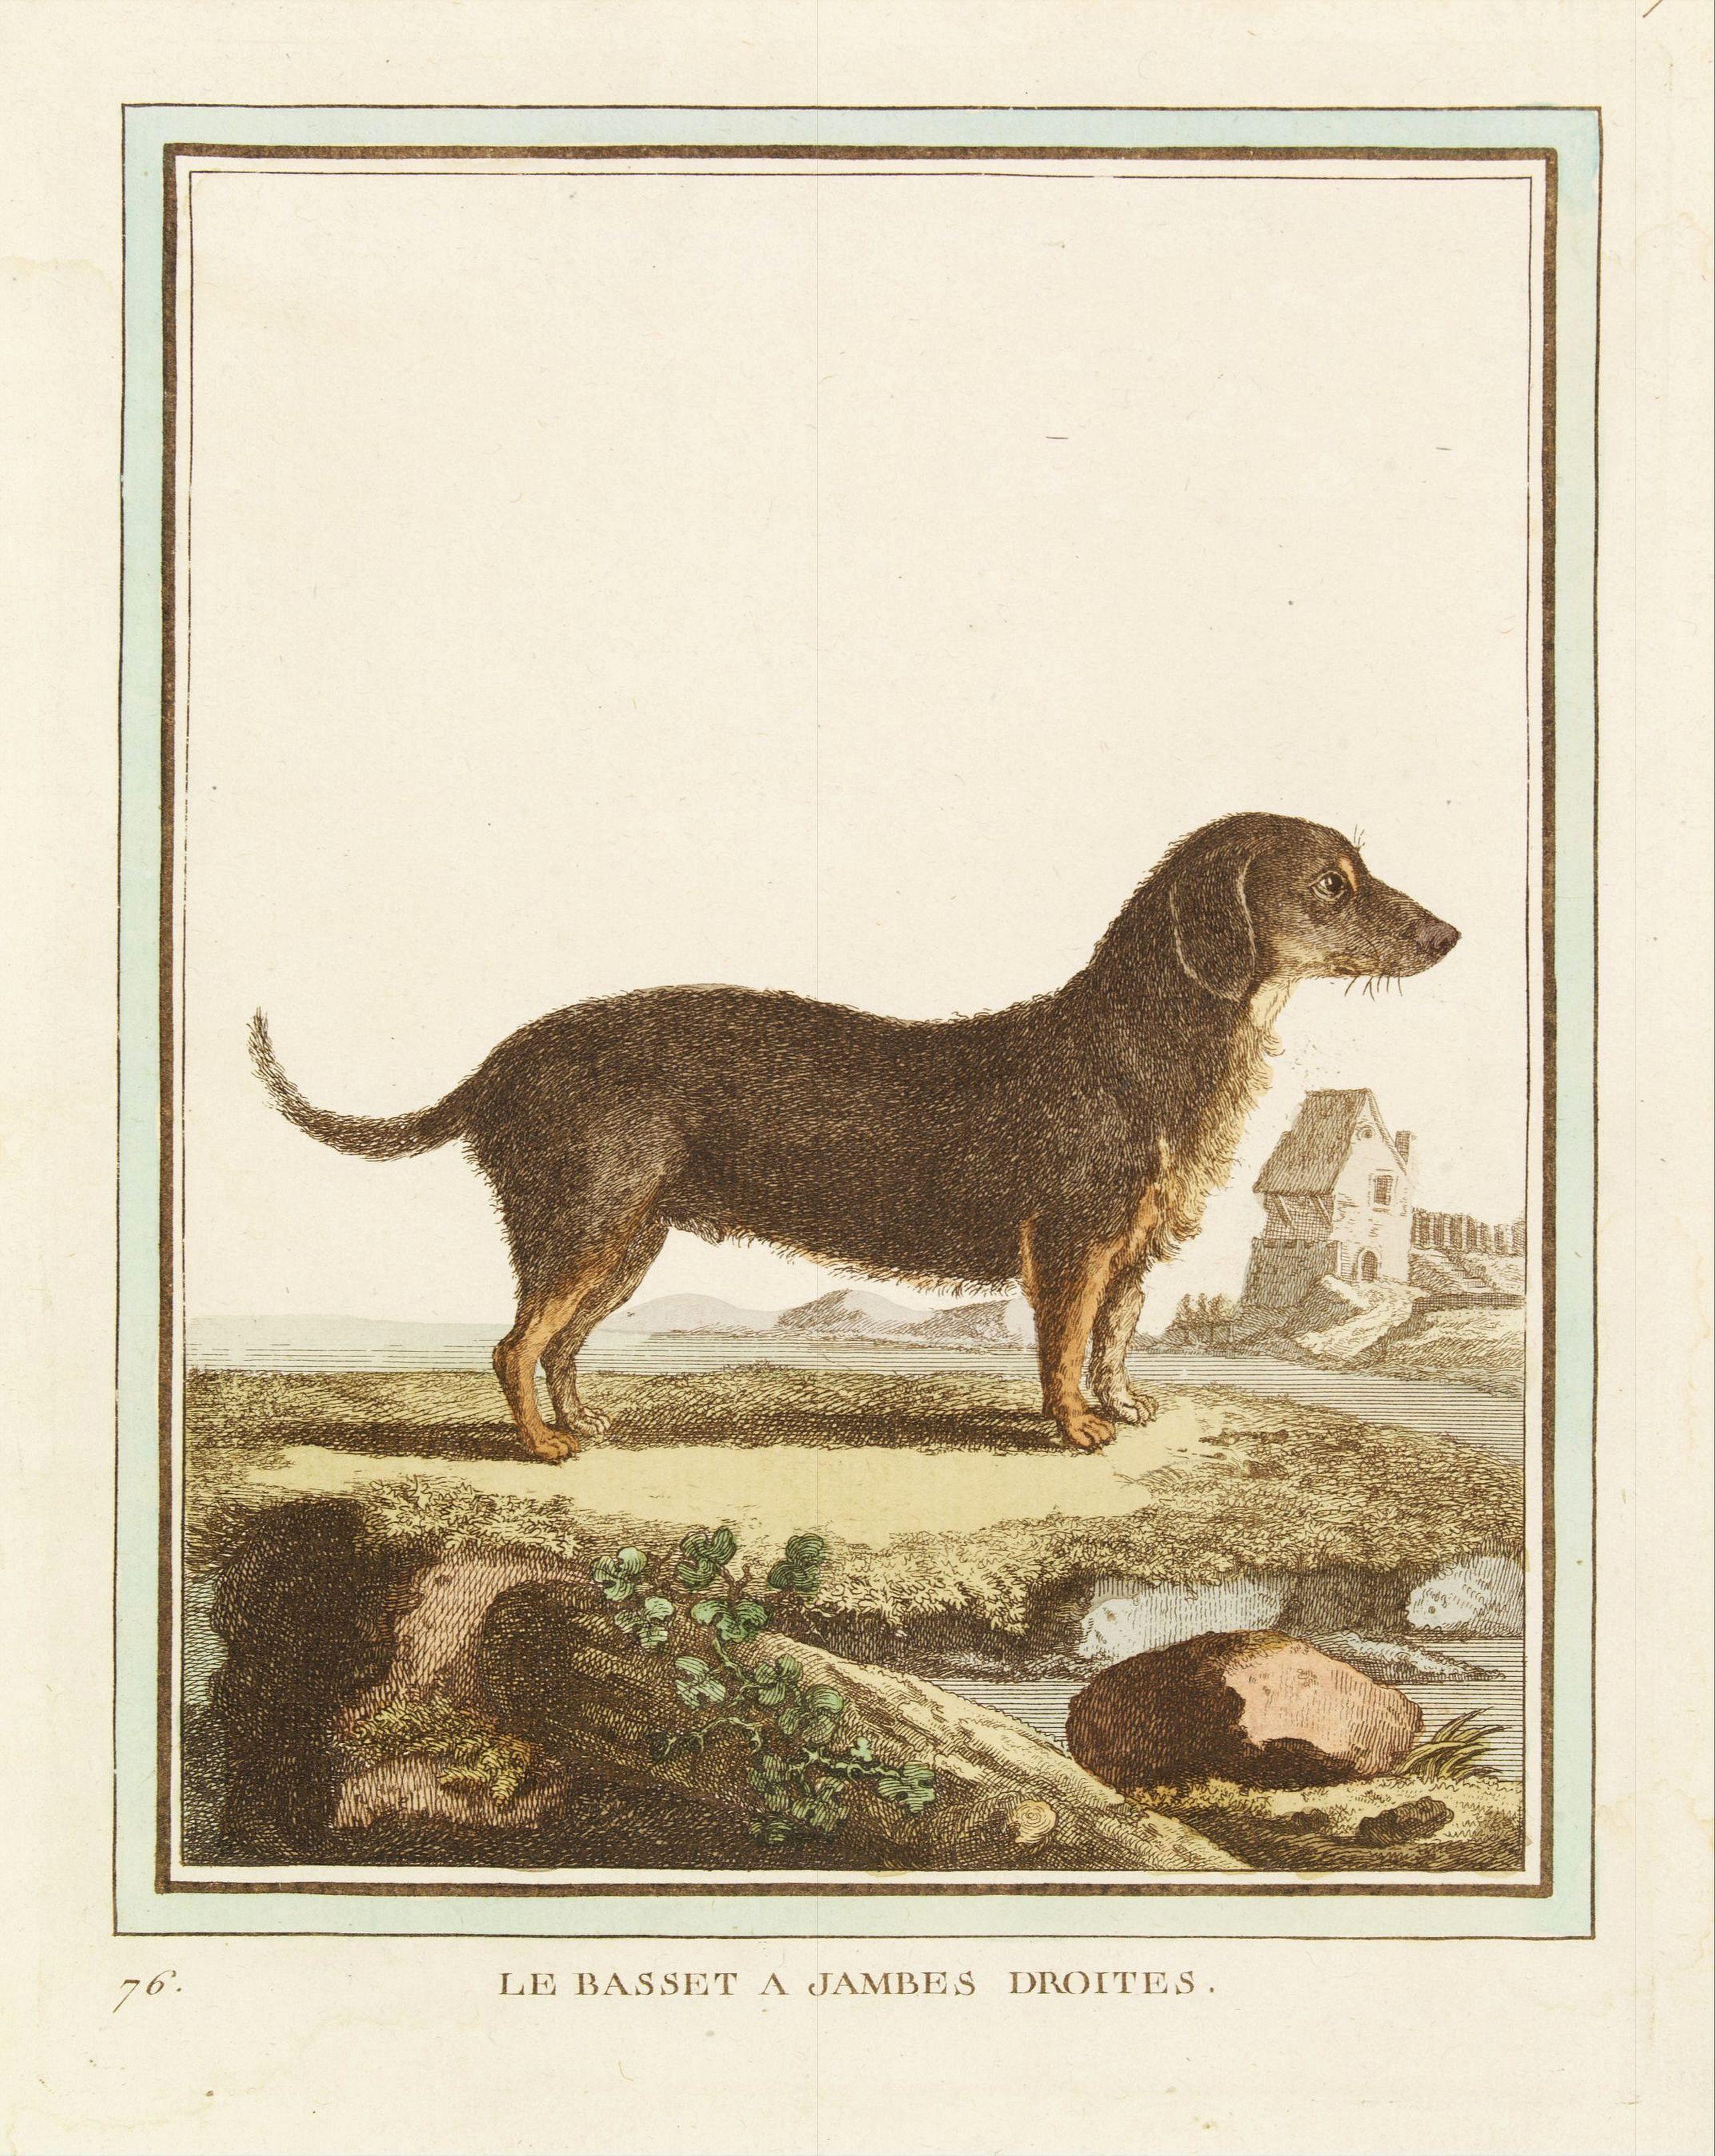 DE SÈVE, After Jacques (active 1742-1788) -  Le Basset à jambes droites.